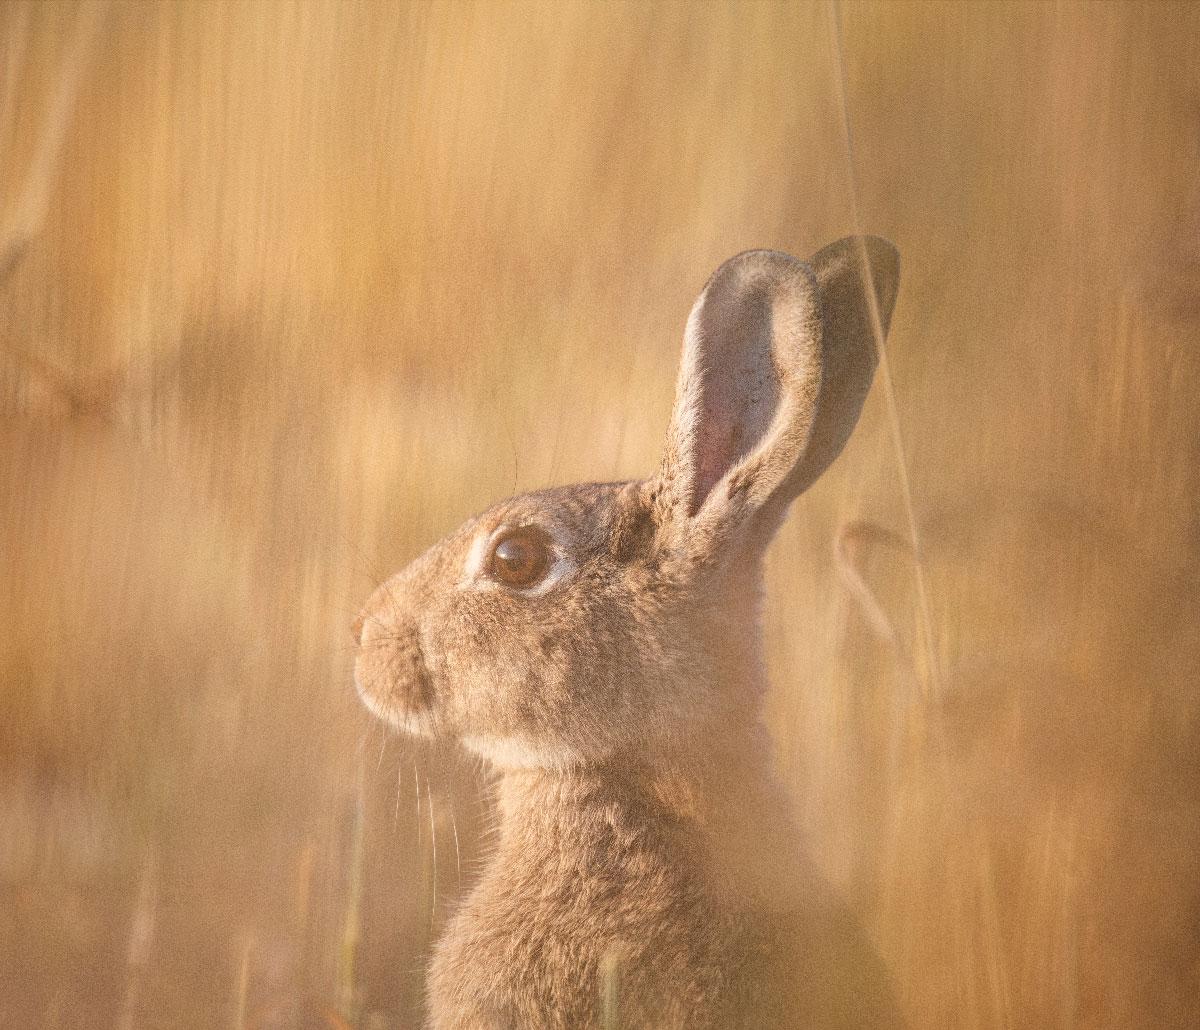 Kanin stikker hovedet op af græsset få meter fra kameraet - fra den gule Kaninrute.